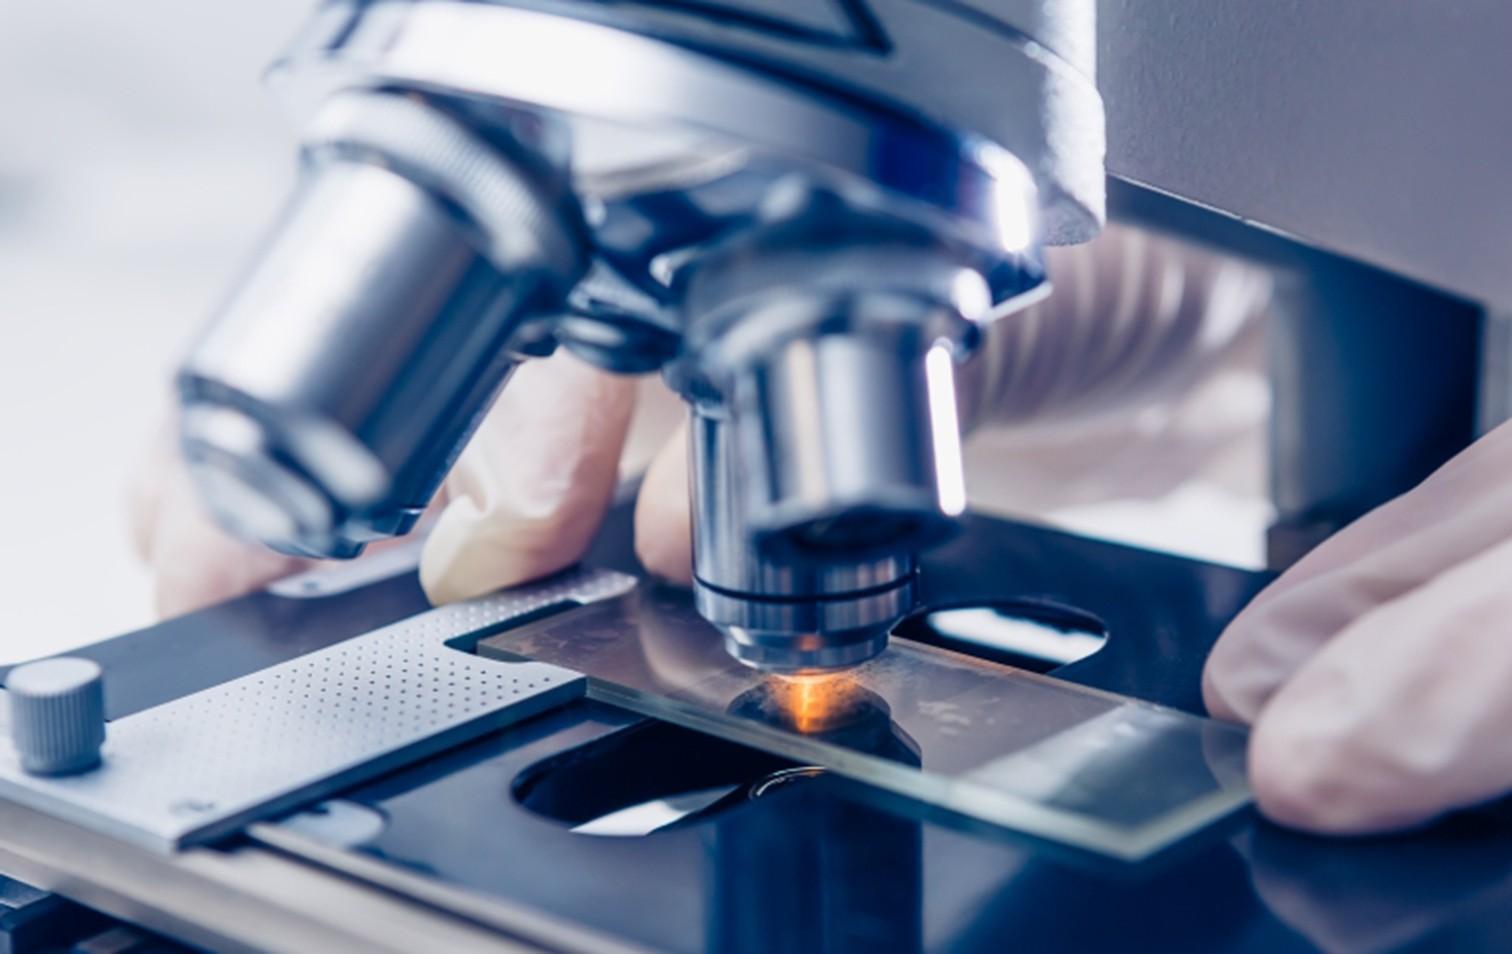 Ein europäisches Forschungsprojekt klärt mögliche Risiken von Graphen ab.